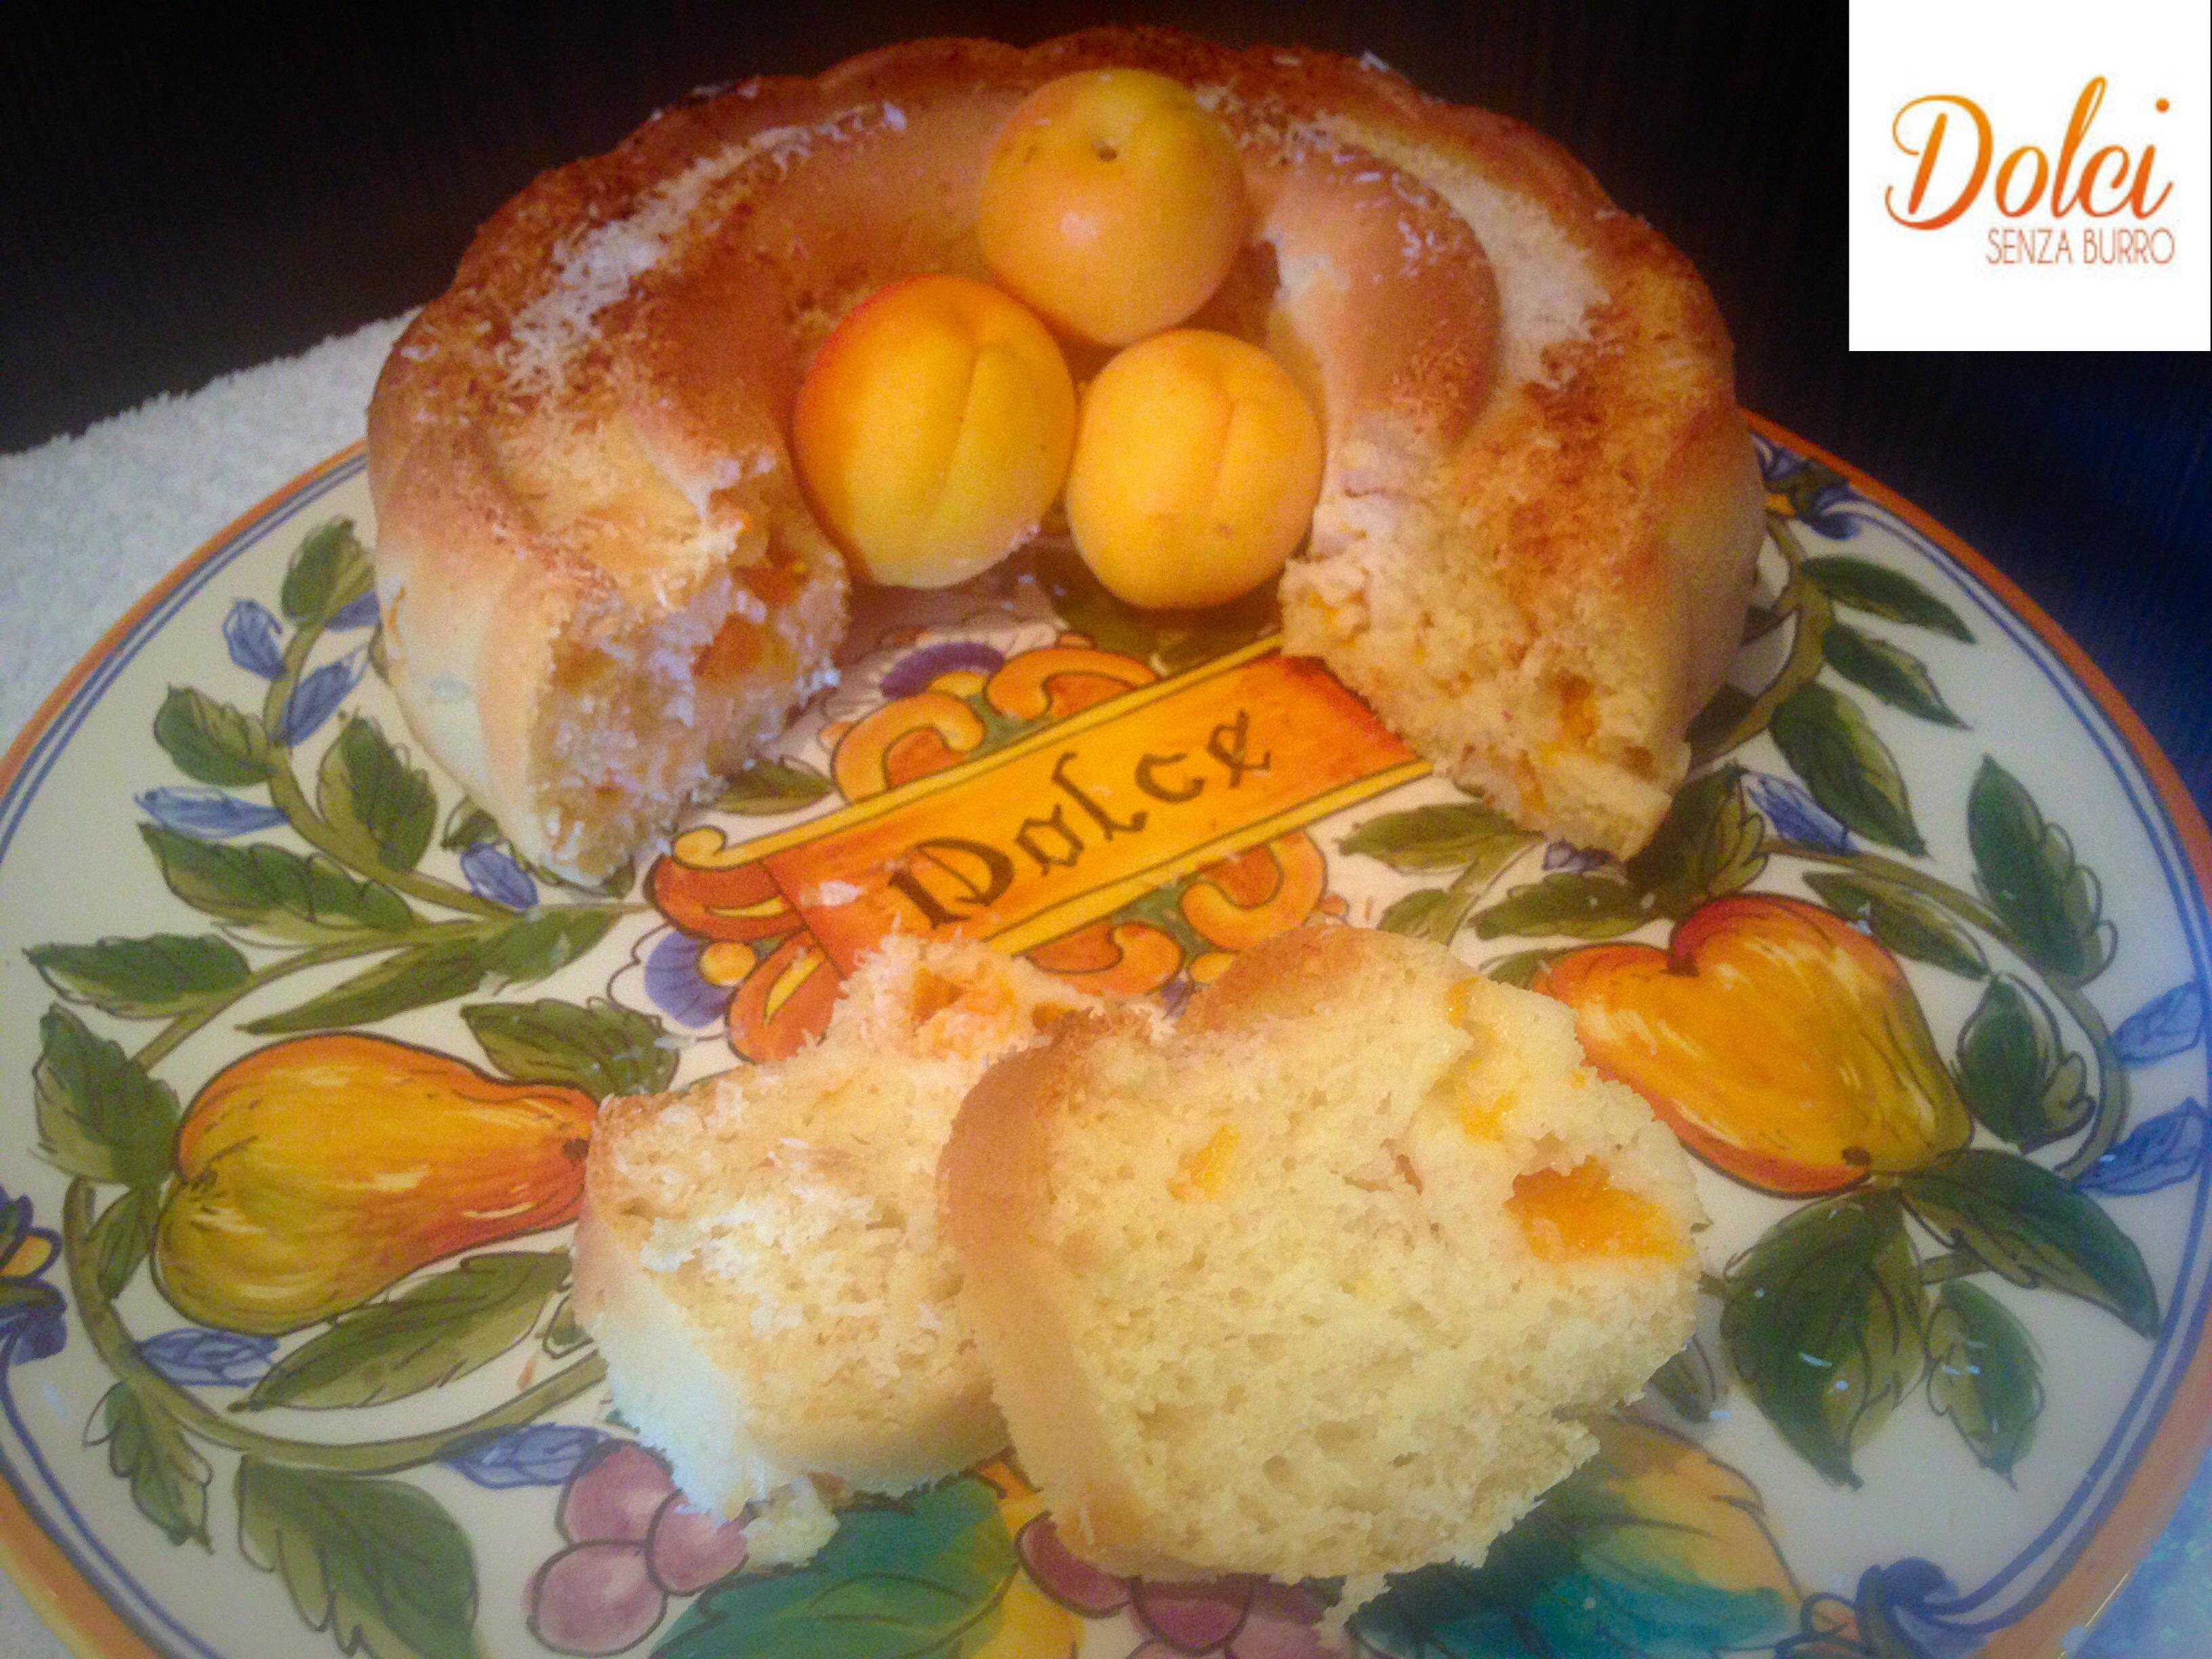 Torta di Albicocche Light al Cocco Senza Burro, il dolce senza lattosio goloso e leggero di dolci senza burro